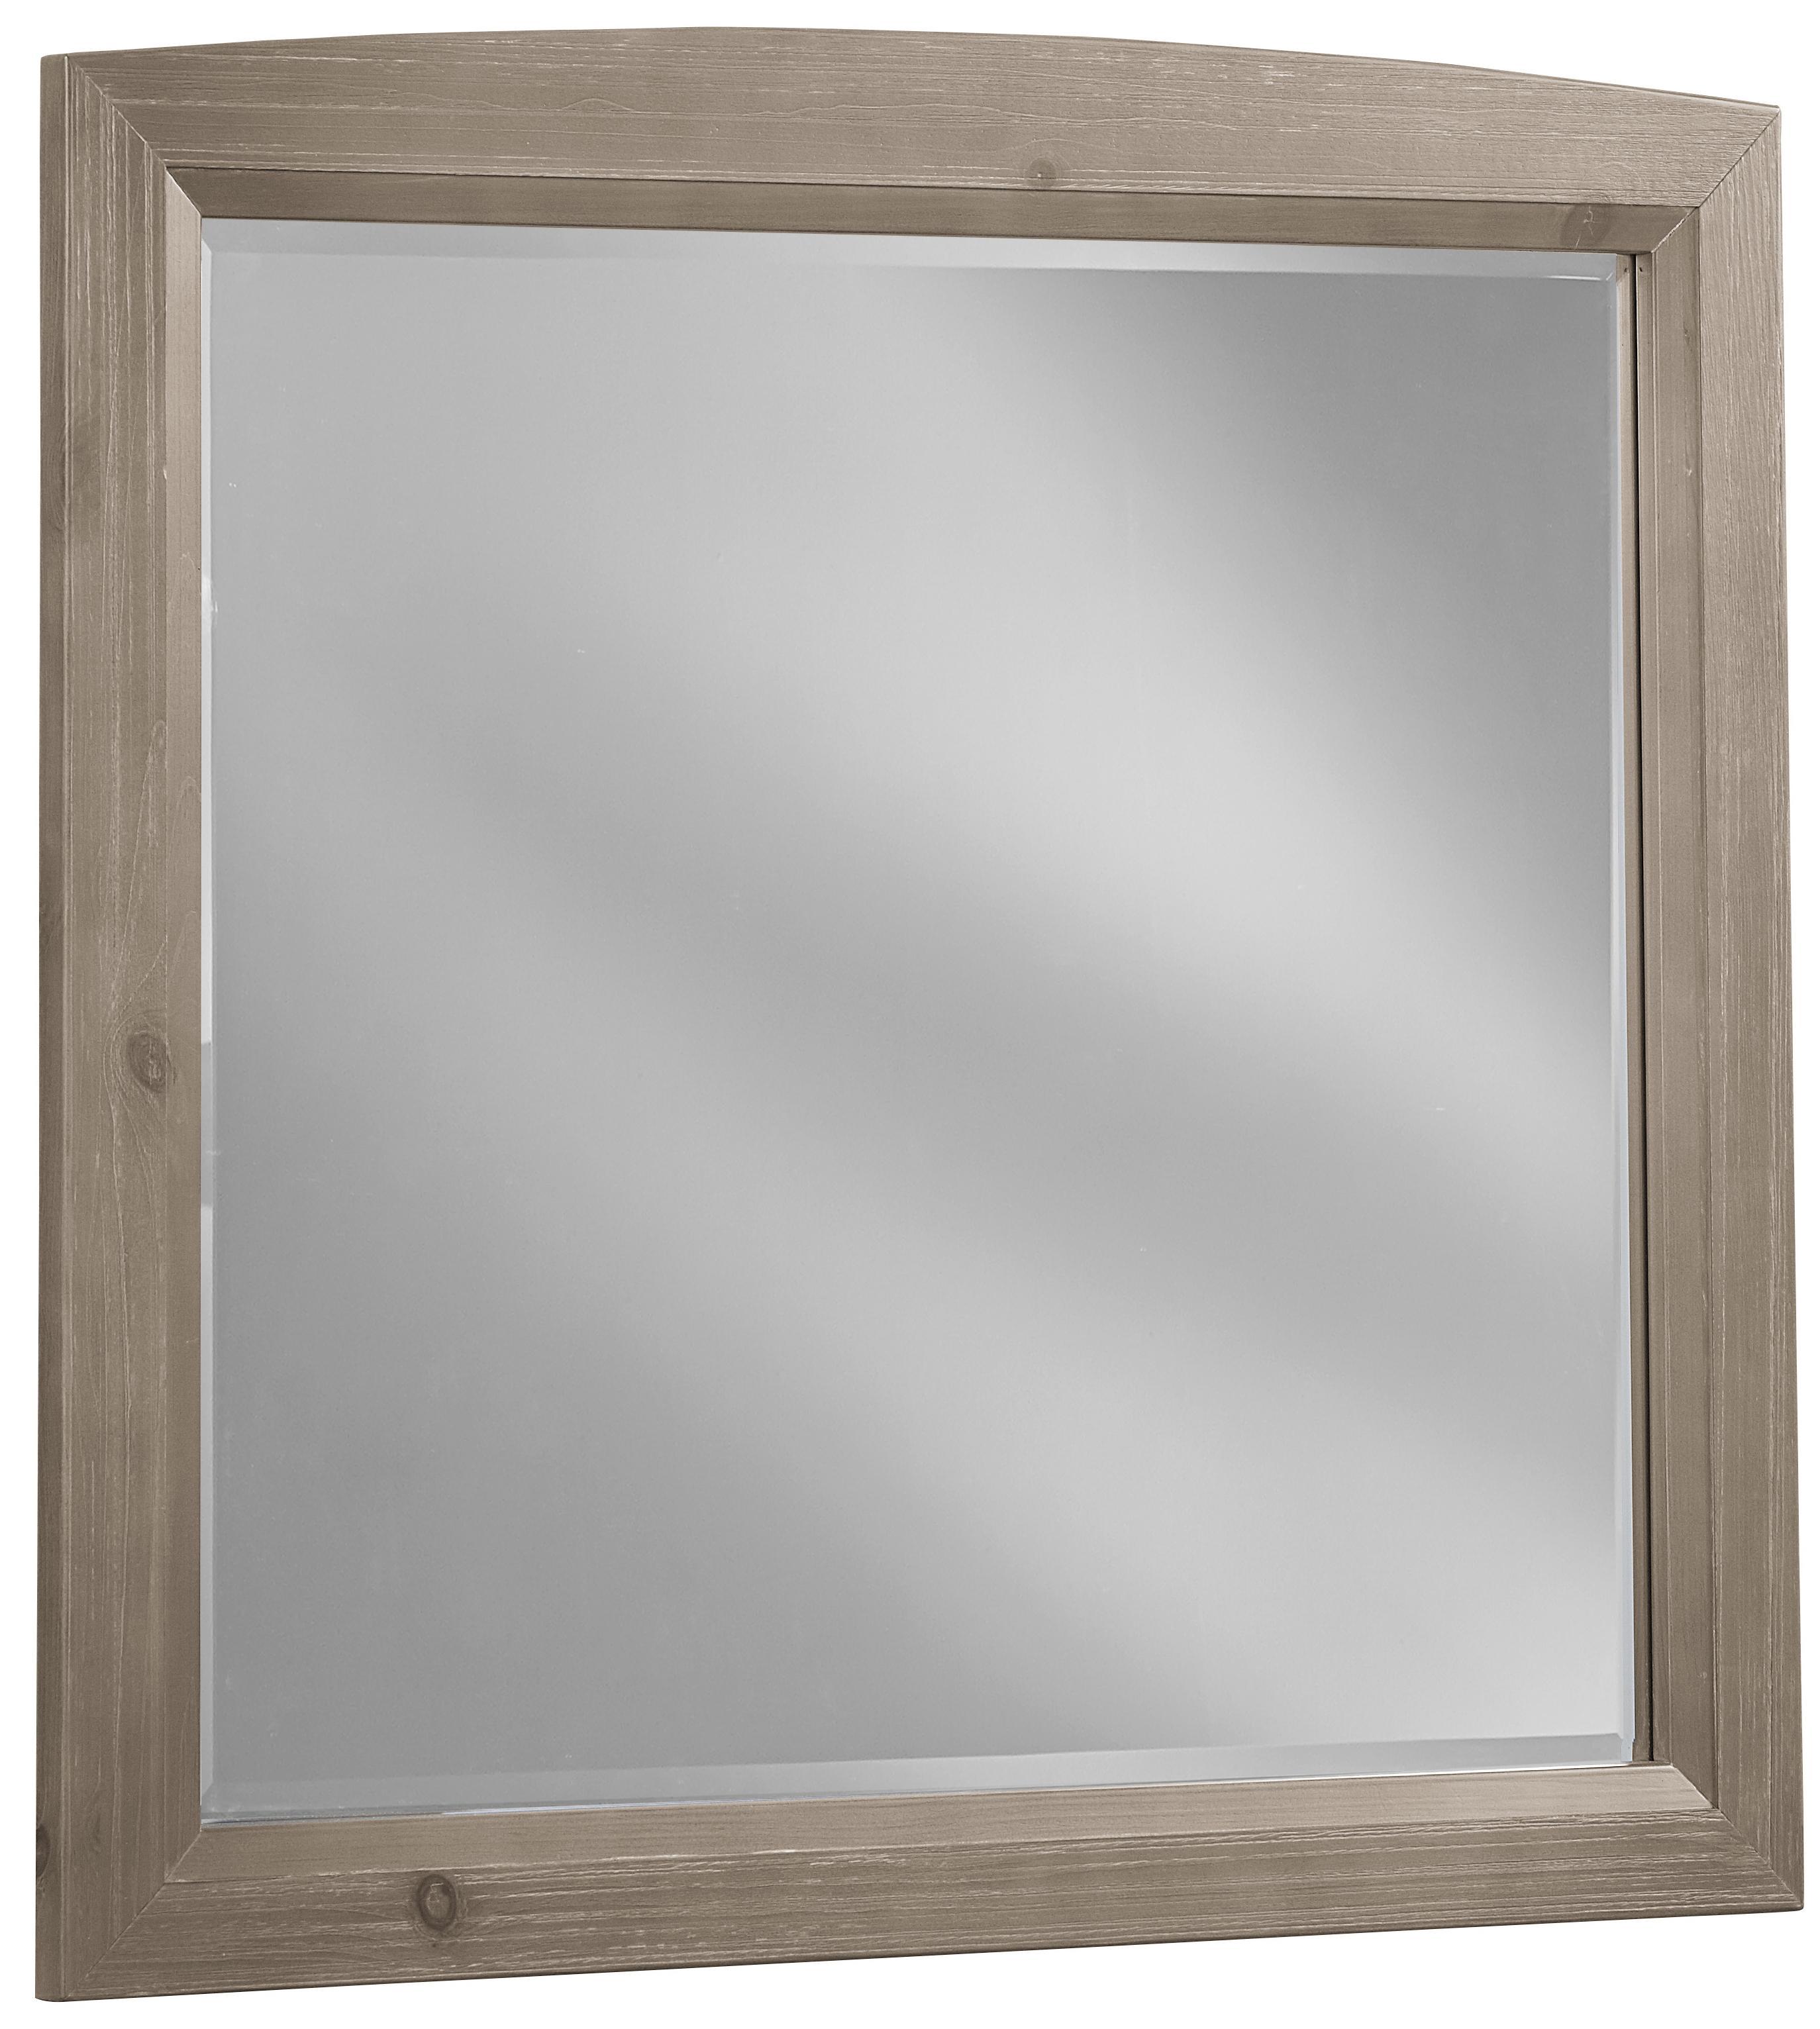 Vaughan Bassett Transitions Landscape Mirror - Item Number: BB61-446